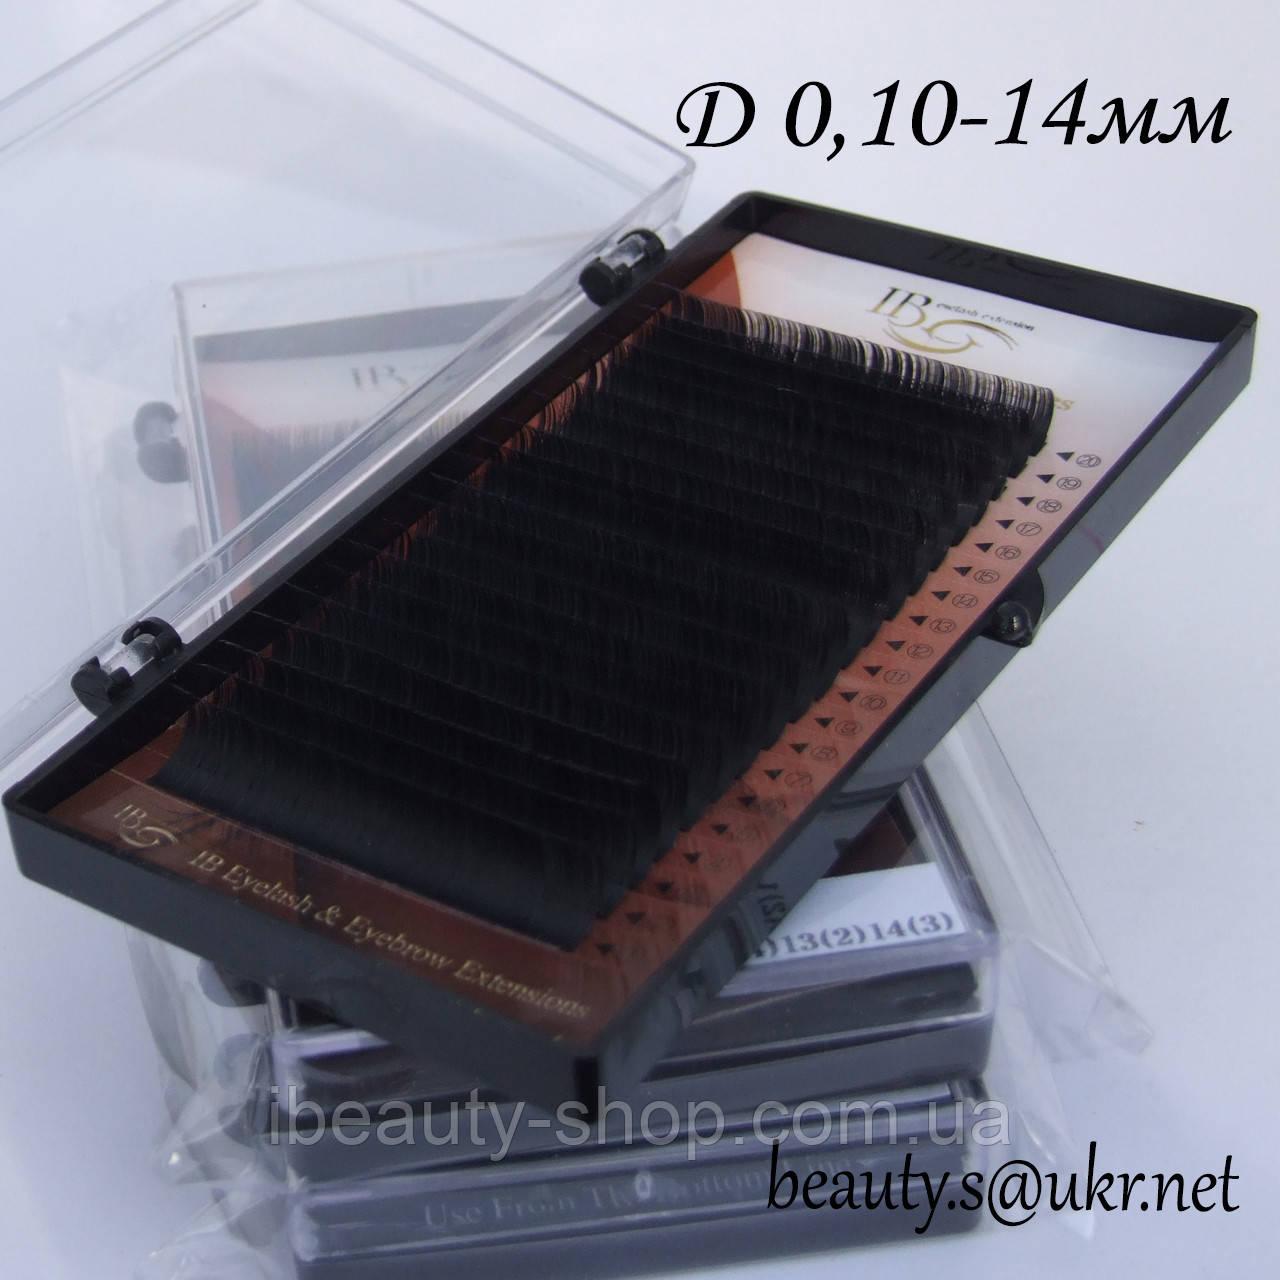 Ресницы  I-Beauty на ленте D-0,10 14мм